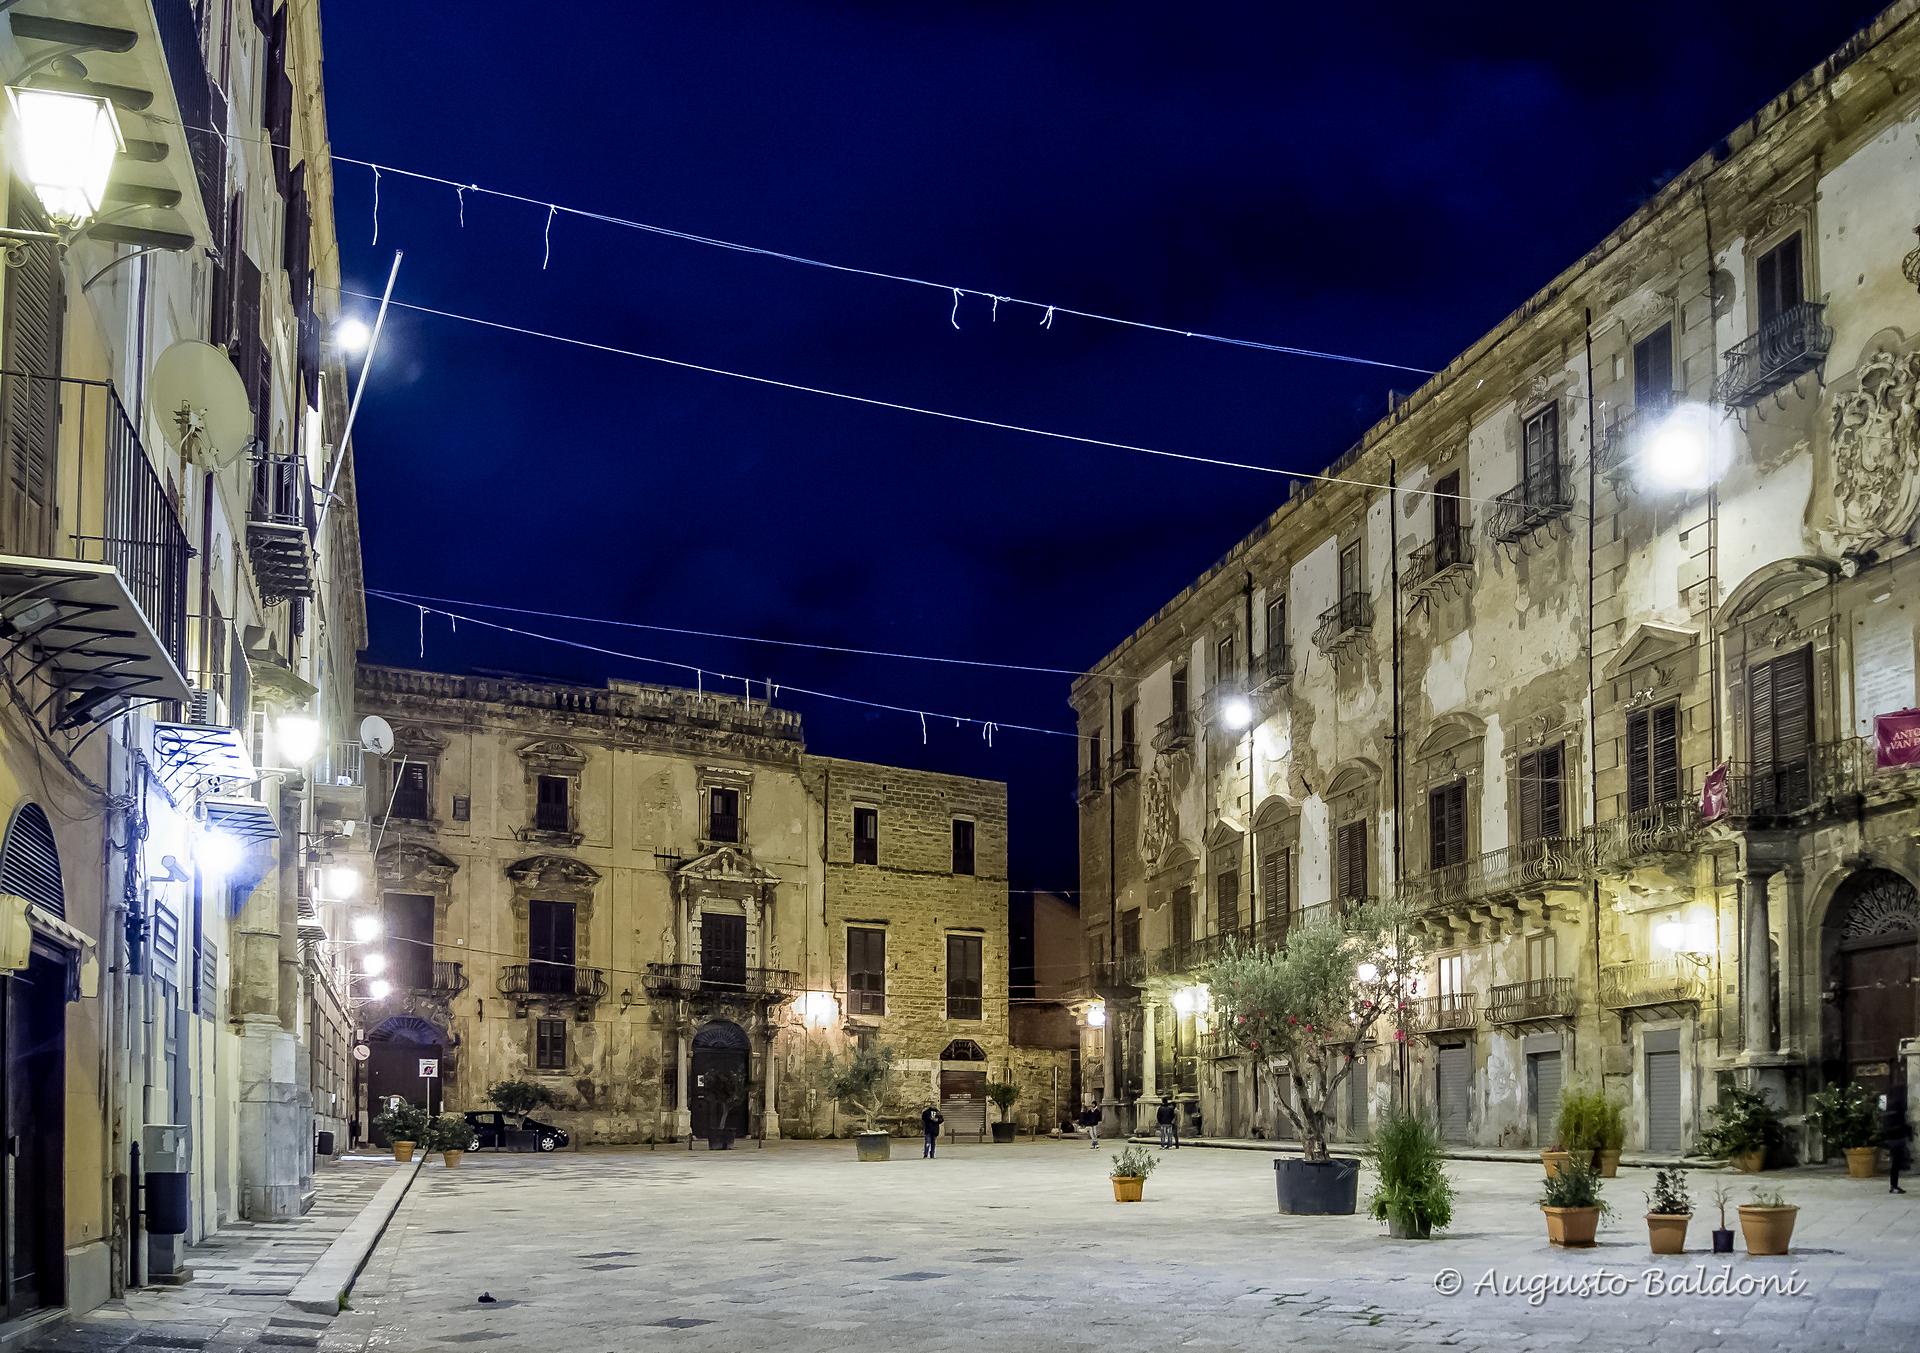 PALERMO - Piazza Bologni